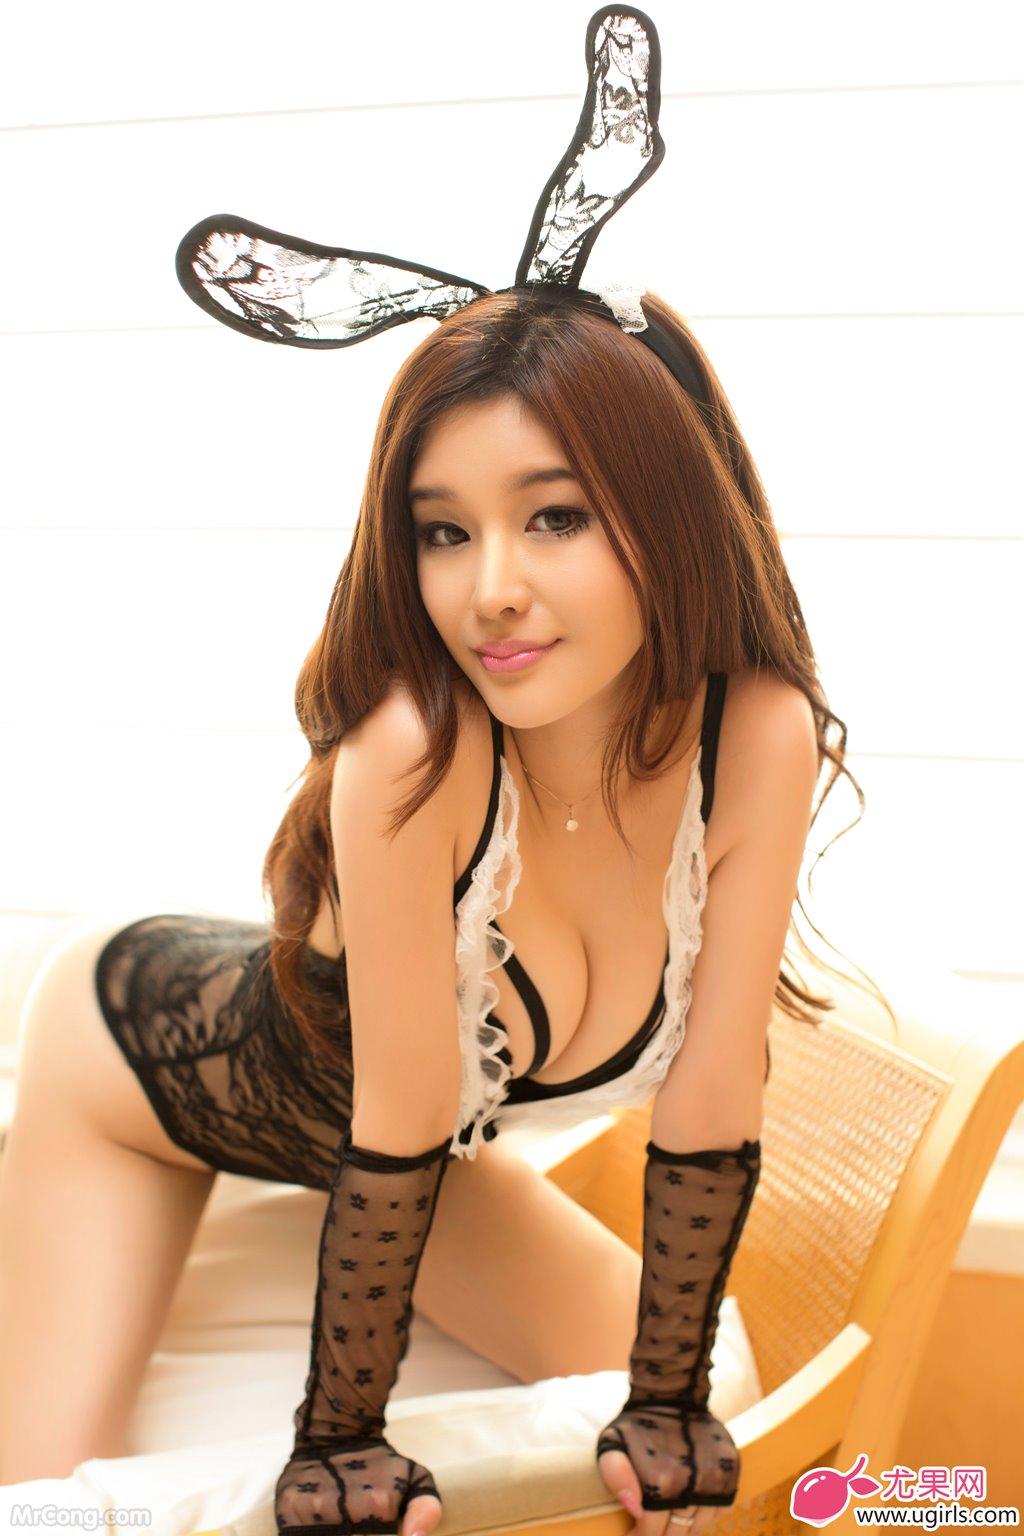 Image MrCong.com-UGIRLS-015-Chun-Xiao-Xi-017 in post Người đẹp Chun Xiao Xi (纯小希) siêu nóng bỏng trong bộ ảnh UGIRLS 015